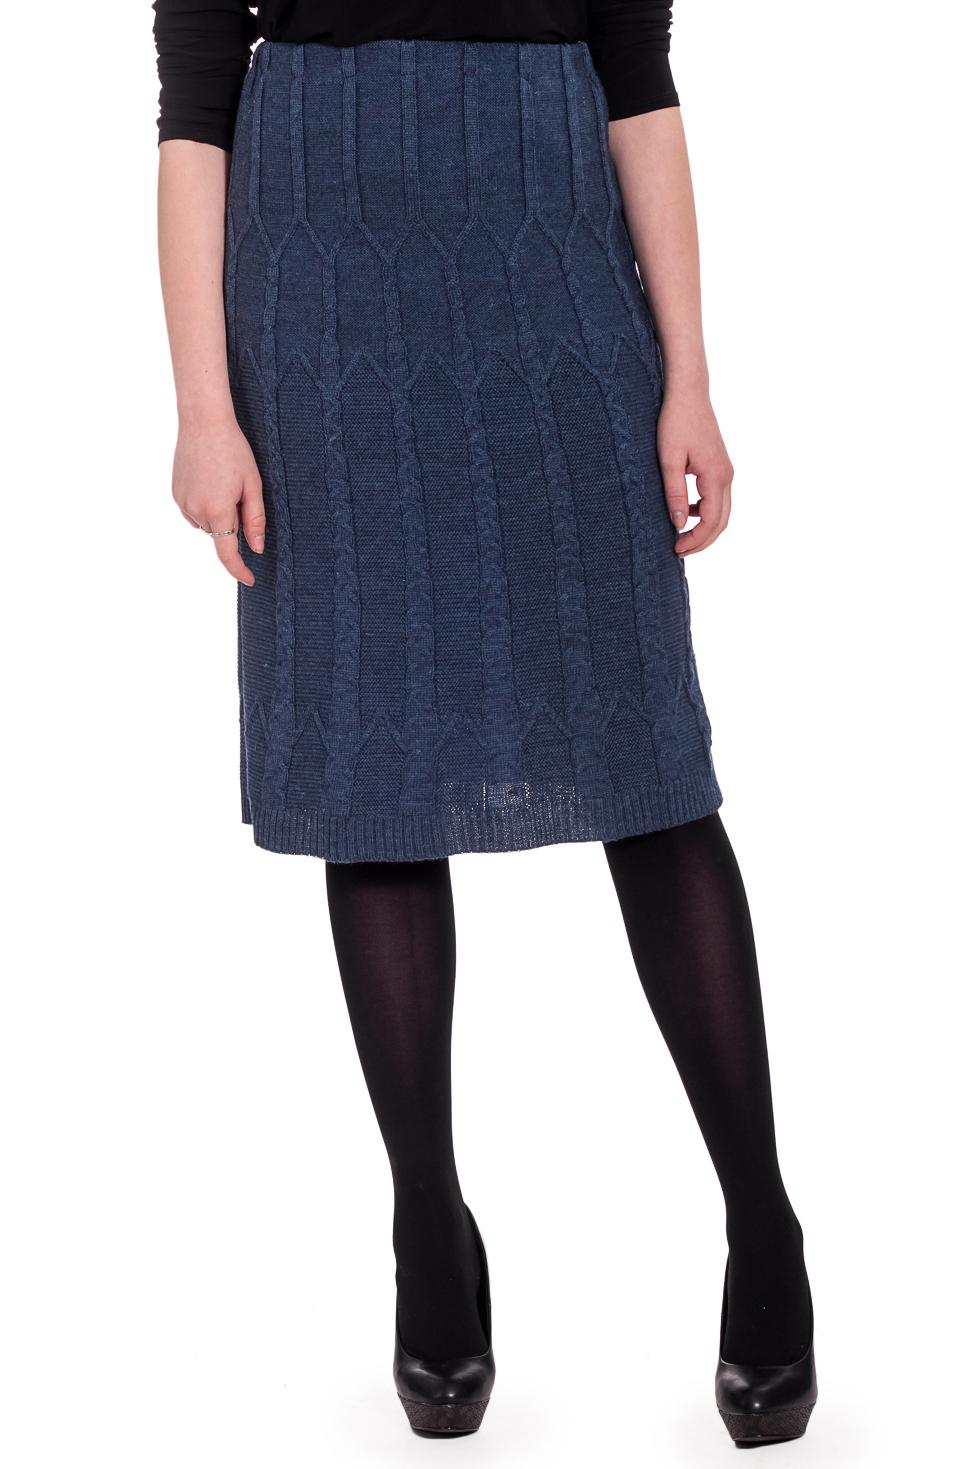 ЮбкаЮбки<br>Теплая юбка длиной миди. Вязаный трикотаж - это красота, тепло и комфорт. В вязаных вещах очень легко оставаться женственной и в то же время не замёрзнуть. Ростовка изделия 164 см.  В изделии использованы цвета: синий  Рост девушки-фотомодели 170 см.<br><br>По длине: Миди,Ниже колена<br>По материалу: Вязаные,Трикотаж,Шерсть<br>По рисунку: Однотонные,Фактурный рисунок<br>По силуэту: Полуприталенные<br>По стилю: Повседневный стиль<br>По форме: Юбка-трапеция<br>По сезону: Зима<br>Размер : 44<br>Материал: Вязаное полотно<br>Количество в наличии: 1